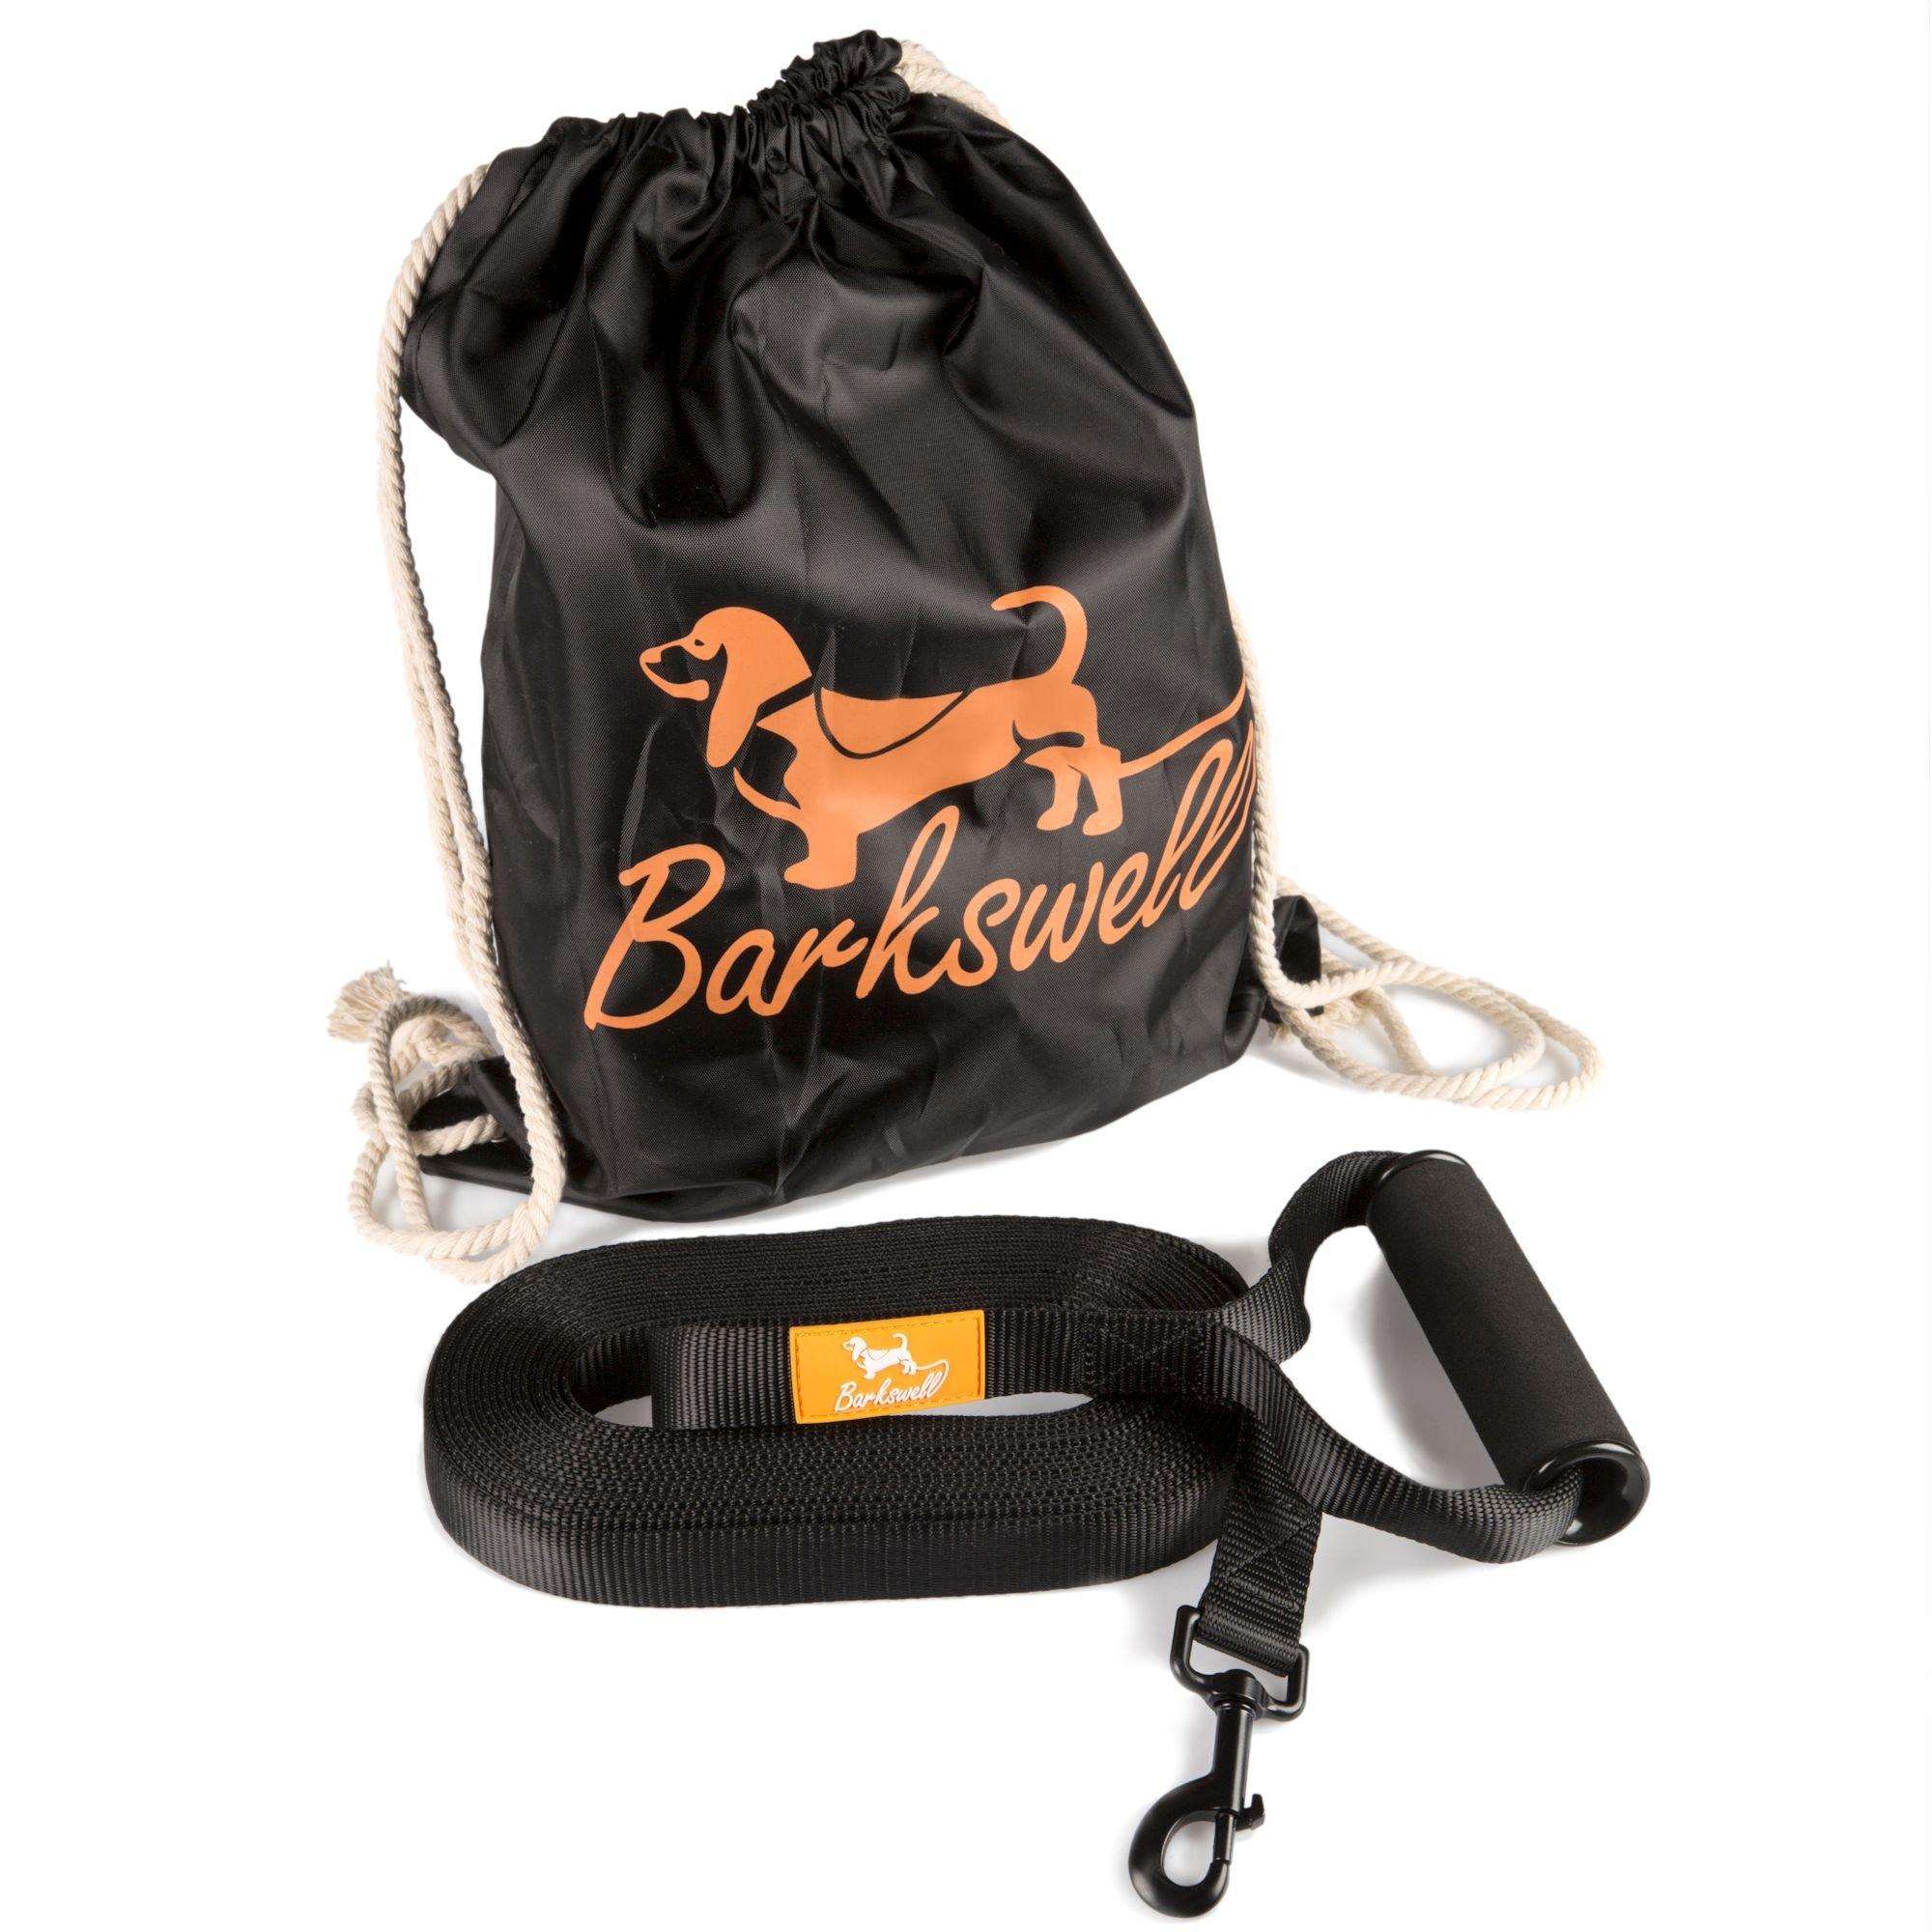 Schleppleine - Hunde Trainings Leine – für Welpen und Hunde – Schaumstoff gepolsteter Walzen-Griff – kostenlose Tragetasche – aus langlebigem Nylon hergestellt – 2.5cm breit. product image